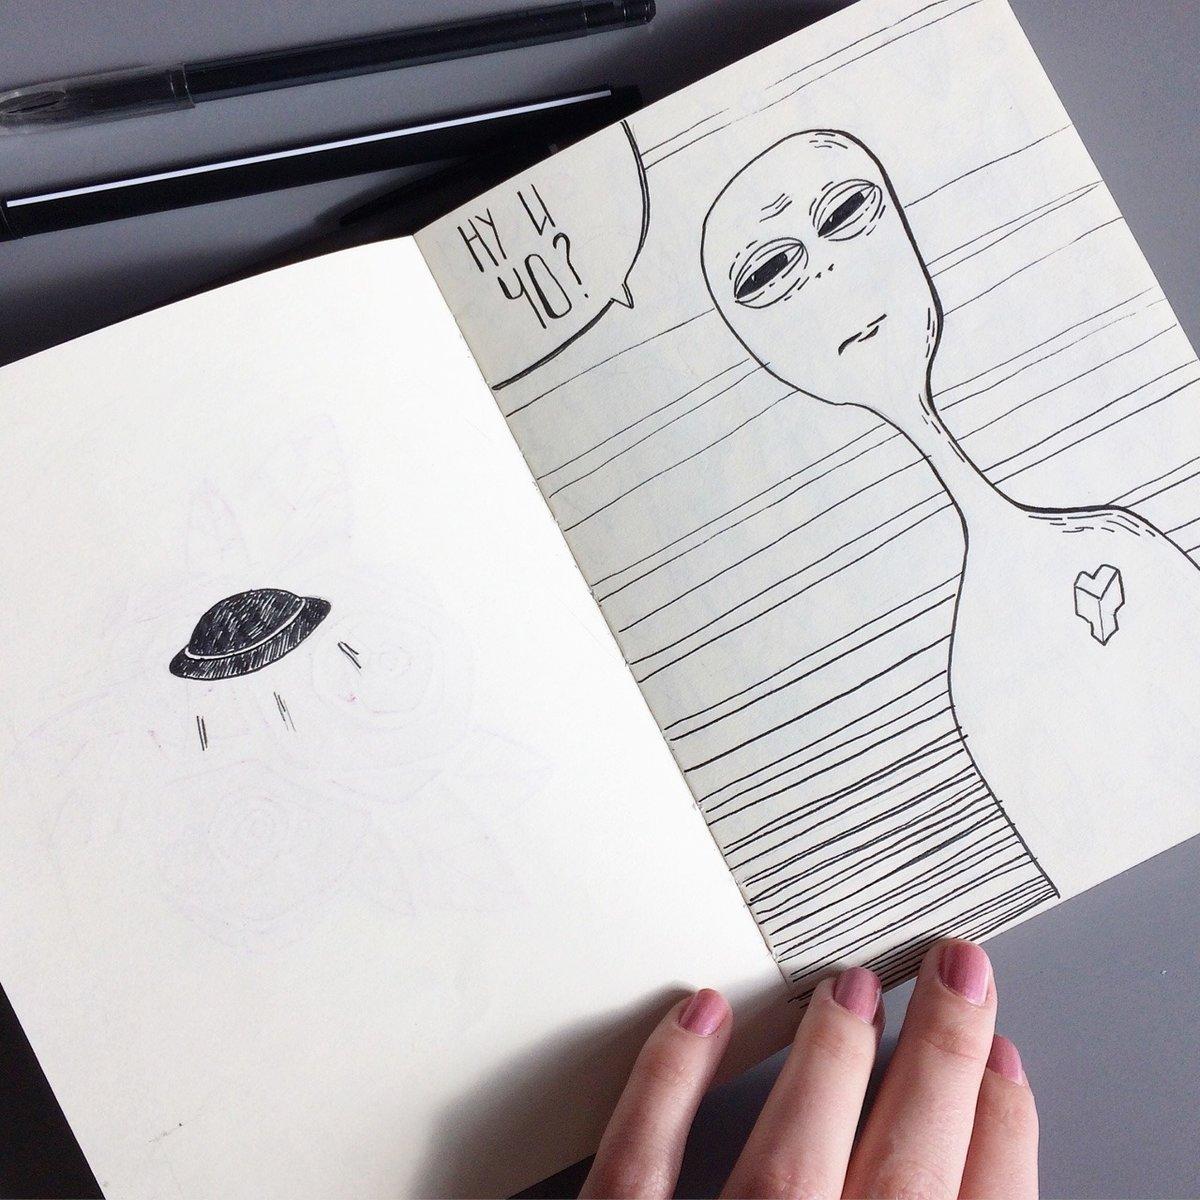 картинки идеи для скетчбука черной ручкой легко милые